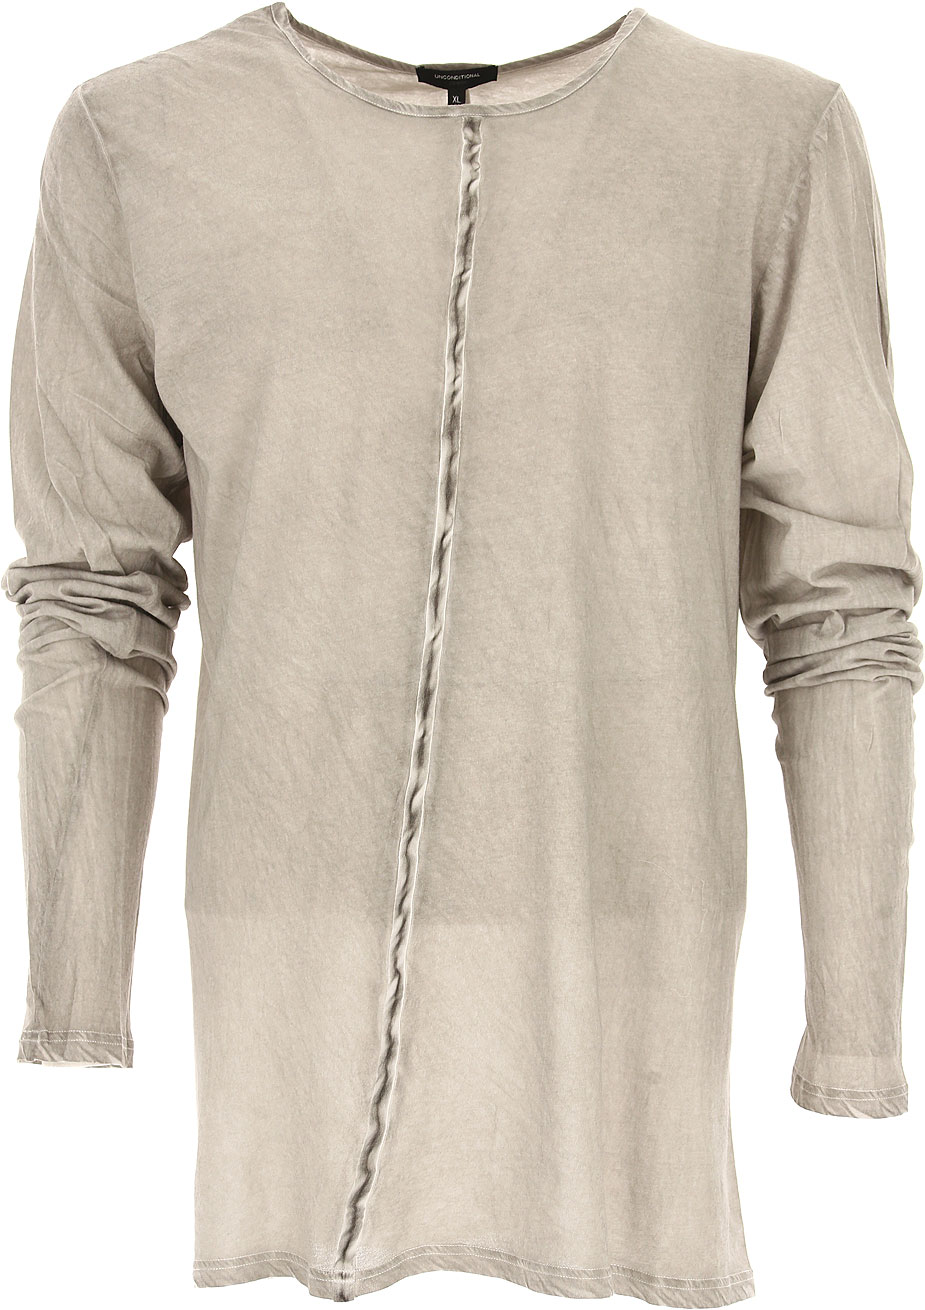 Abbigliamento Uomo Unconditional, Codice Articolo: fjm34-2403-bia